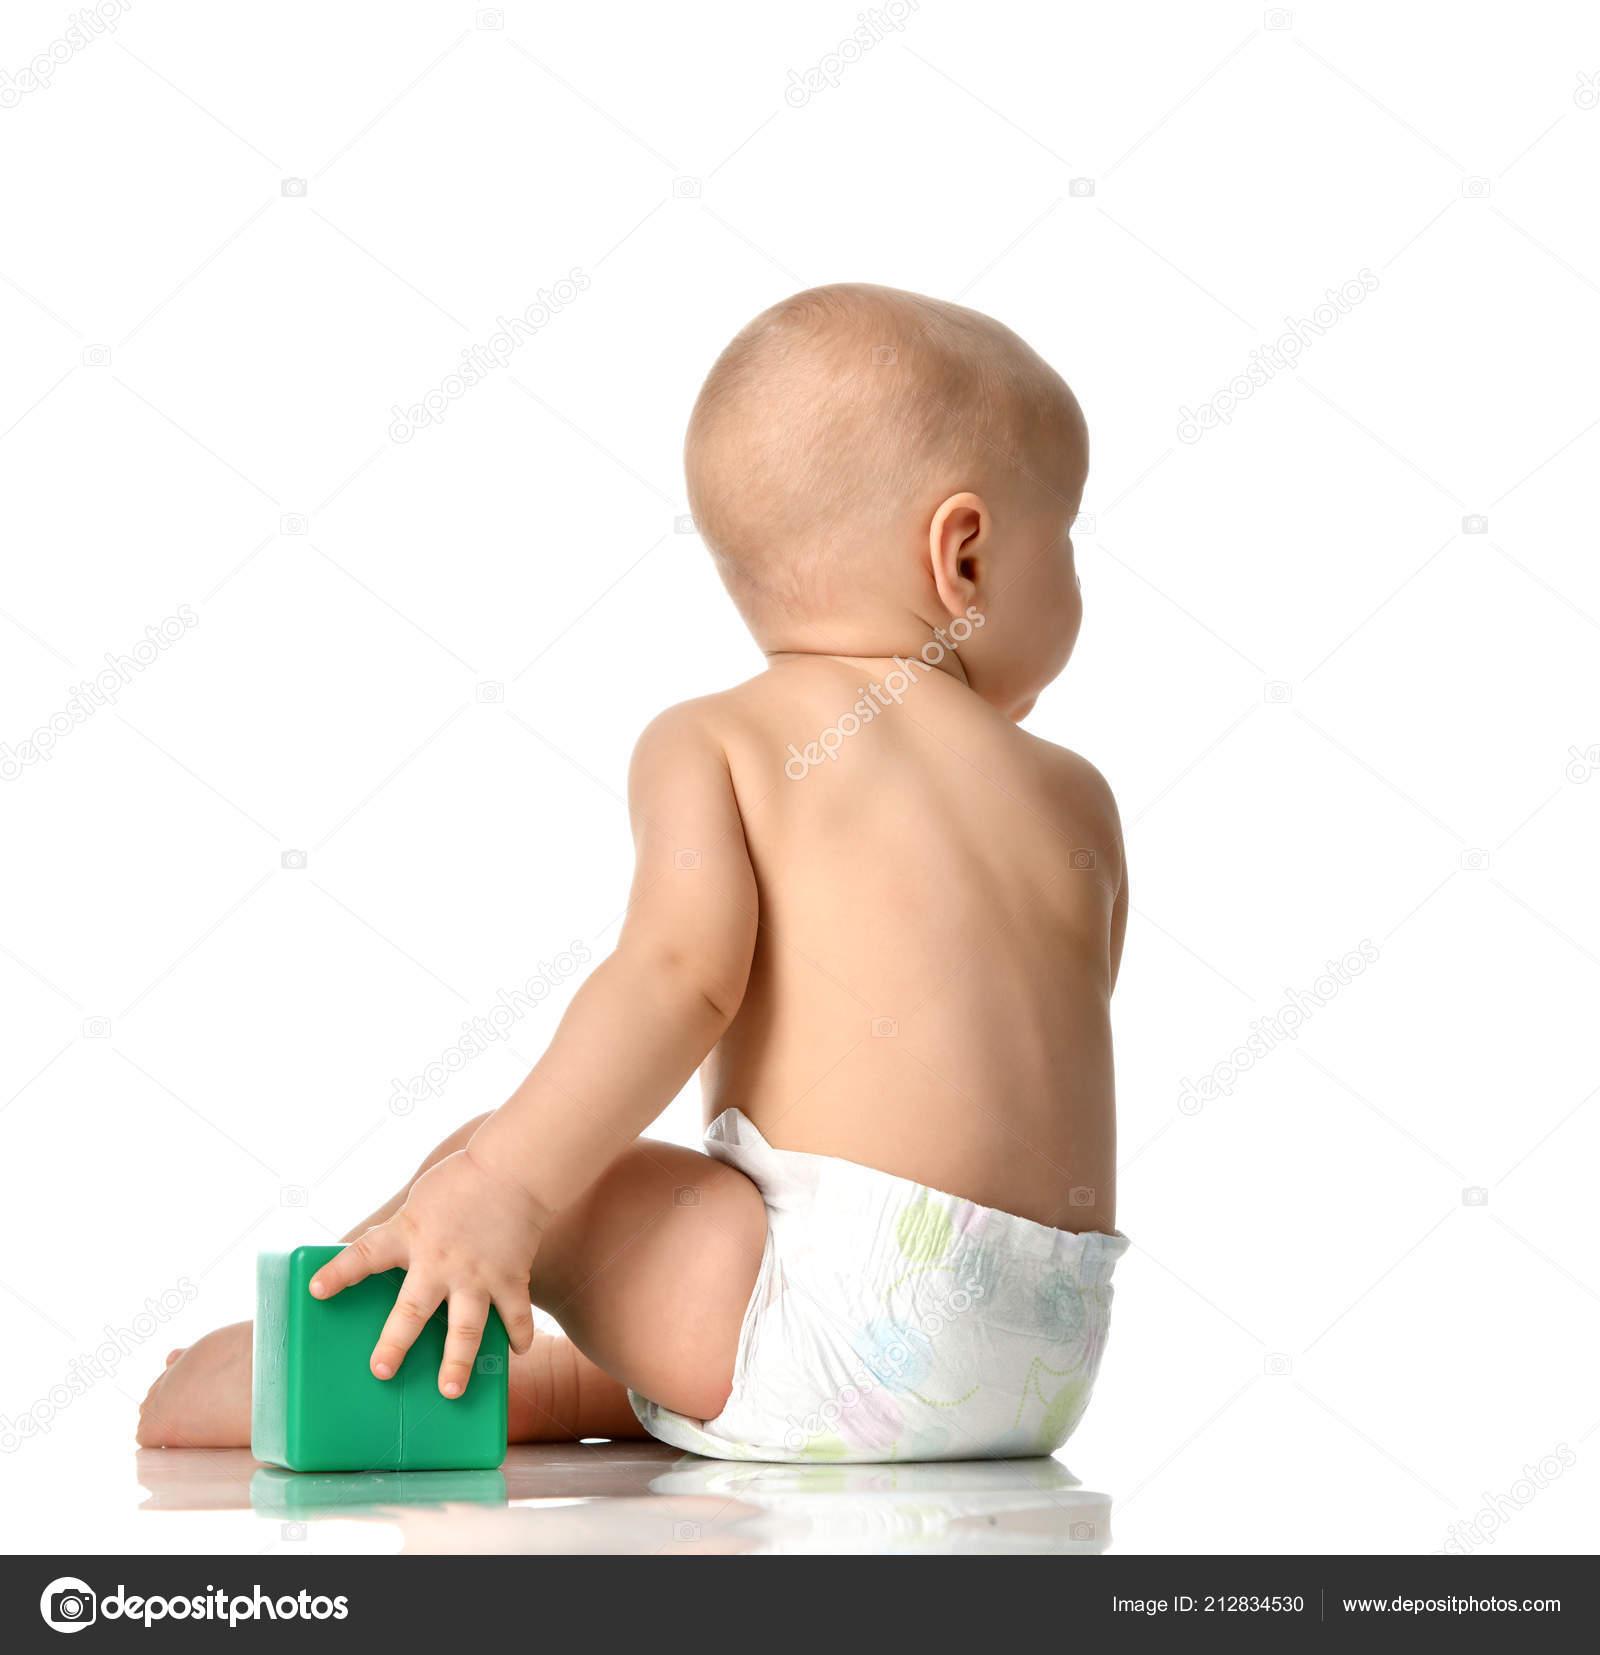 b89b7e8aa5fc1 Enfant bébé garçon jeune enfant assis nu en couches avec jouet brique verte  derrière vue arrière arrière isolée sur un blanc– images de stock libres de  ...